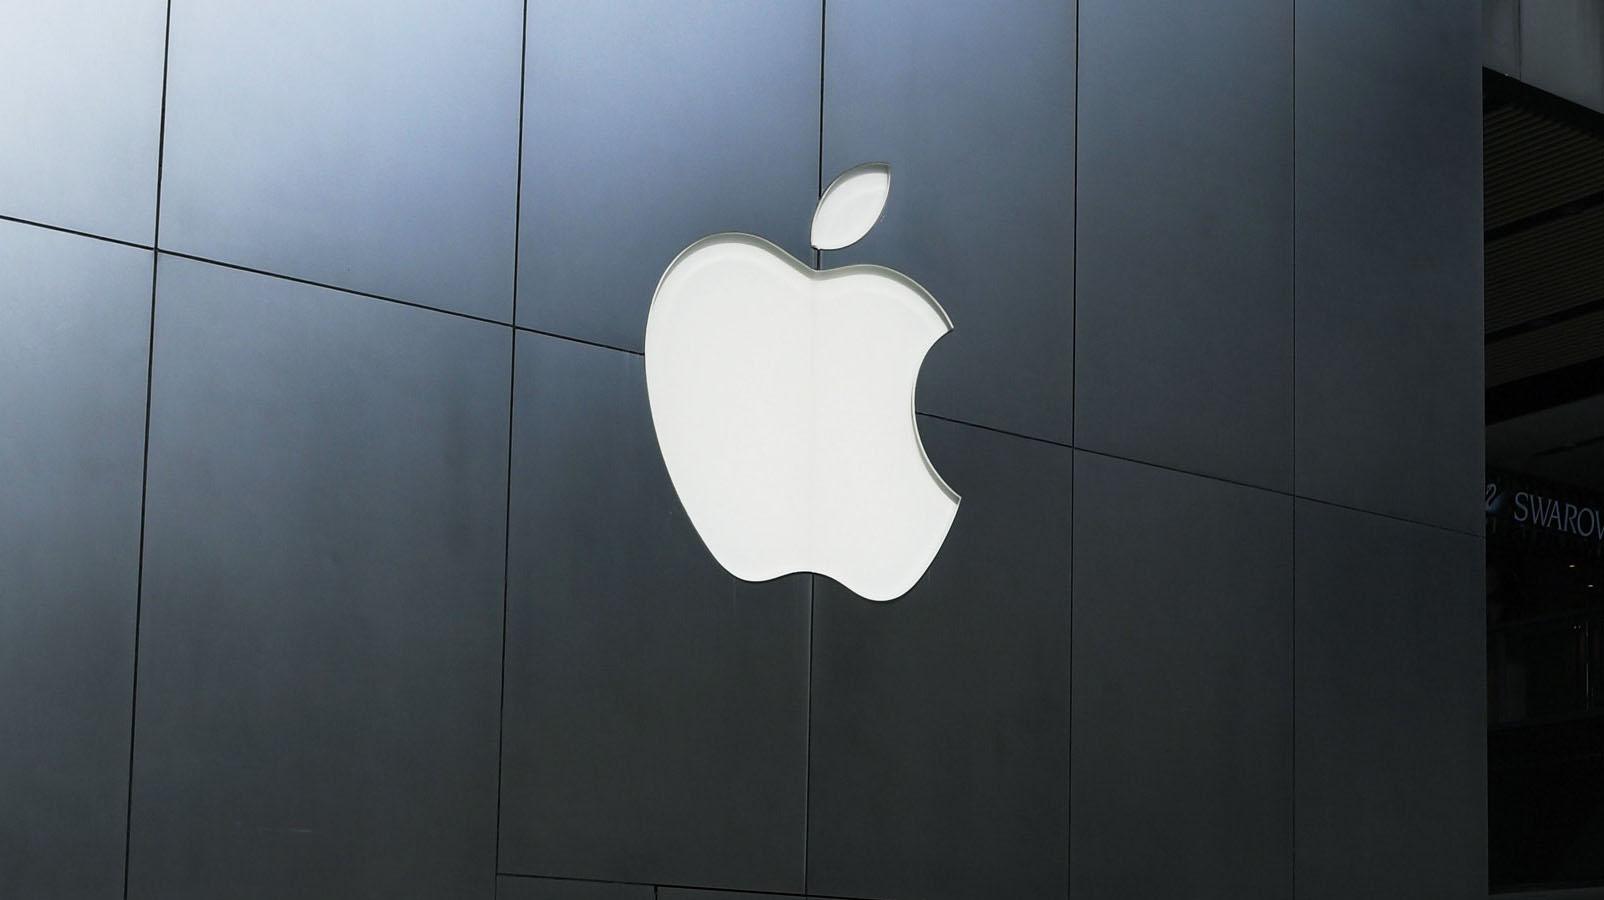 Apple 股价大幅下跌,退出「万亿俱乐部」